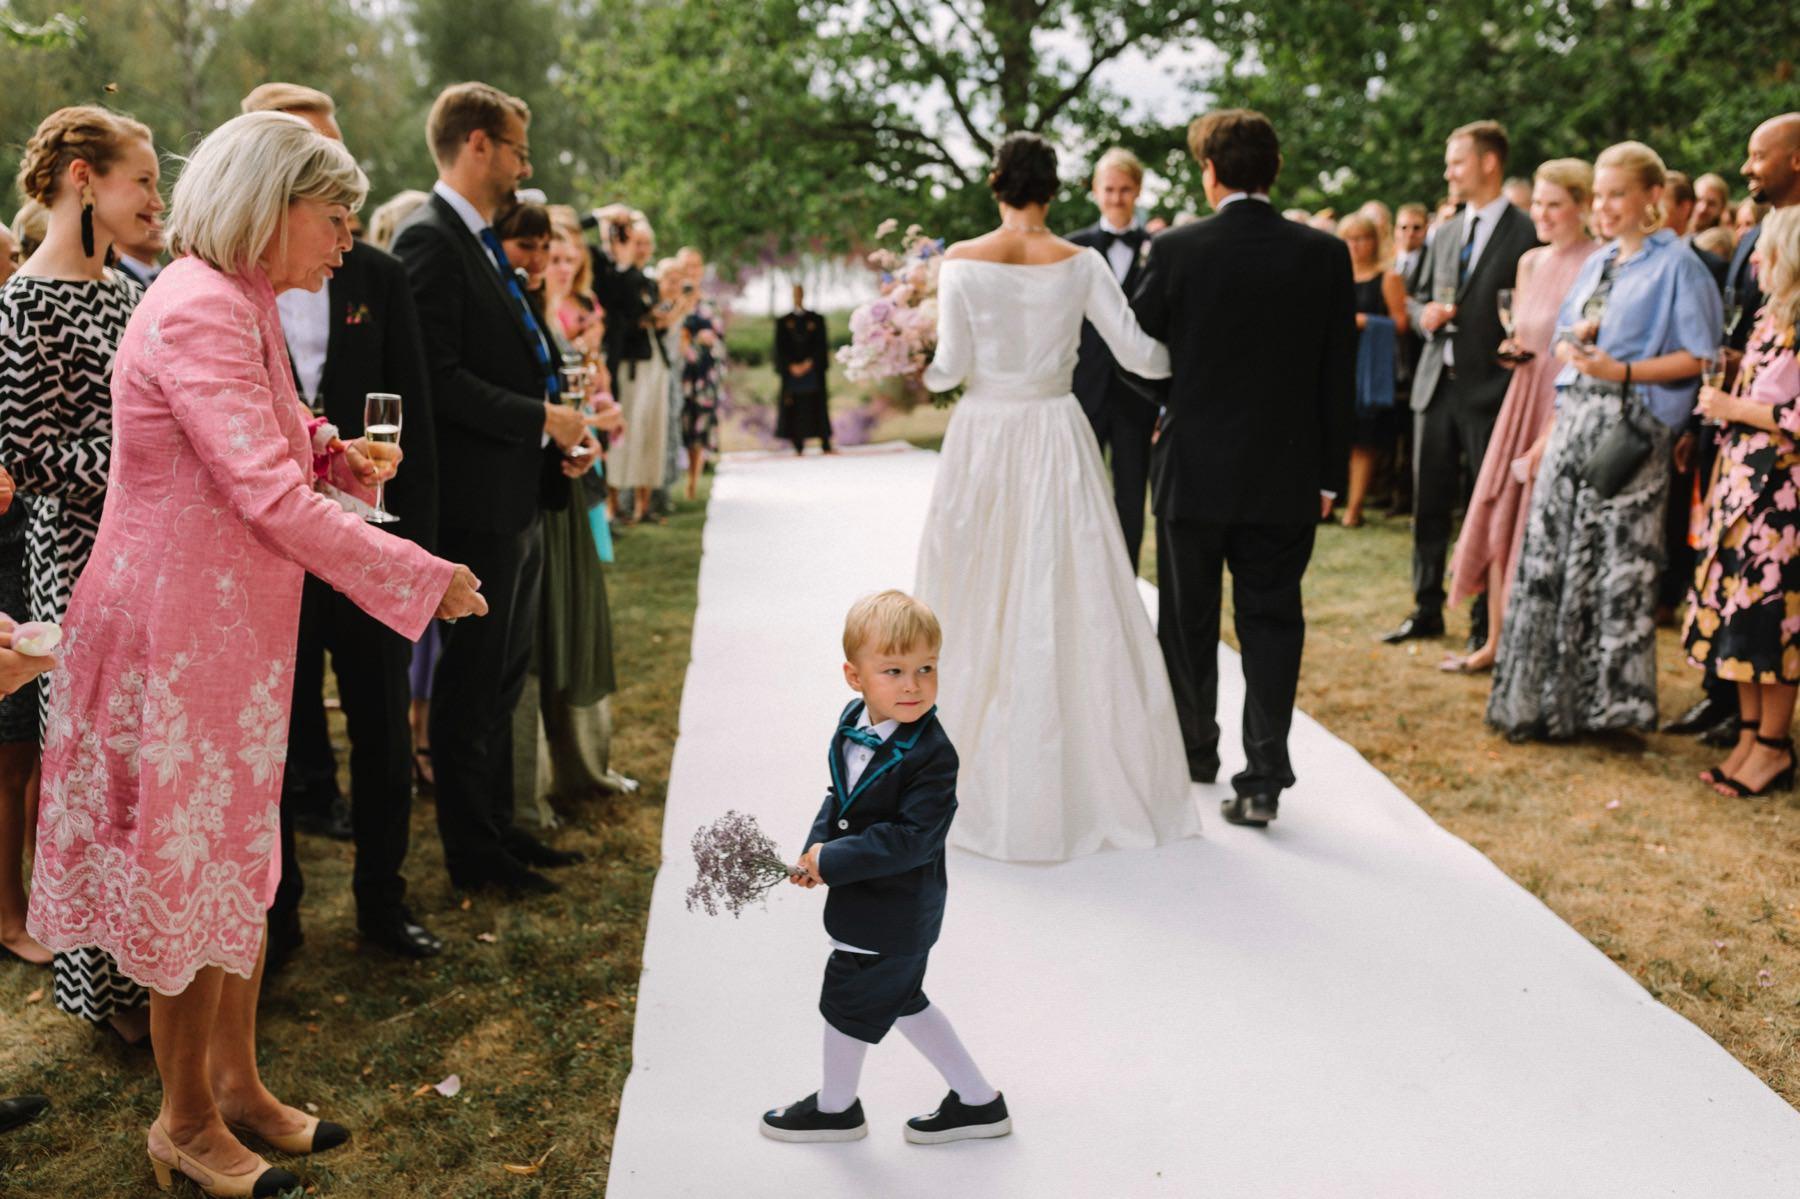 white aisle runner wedding